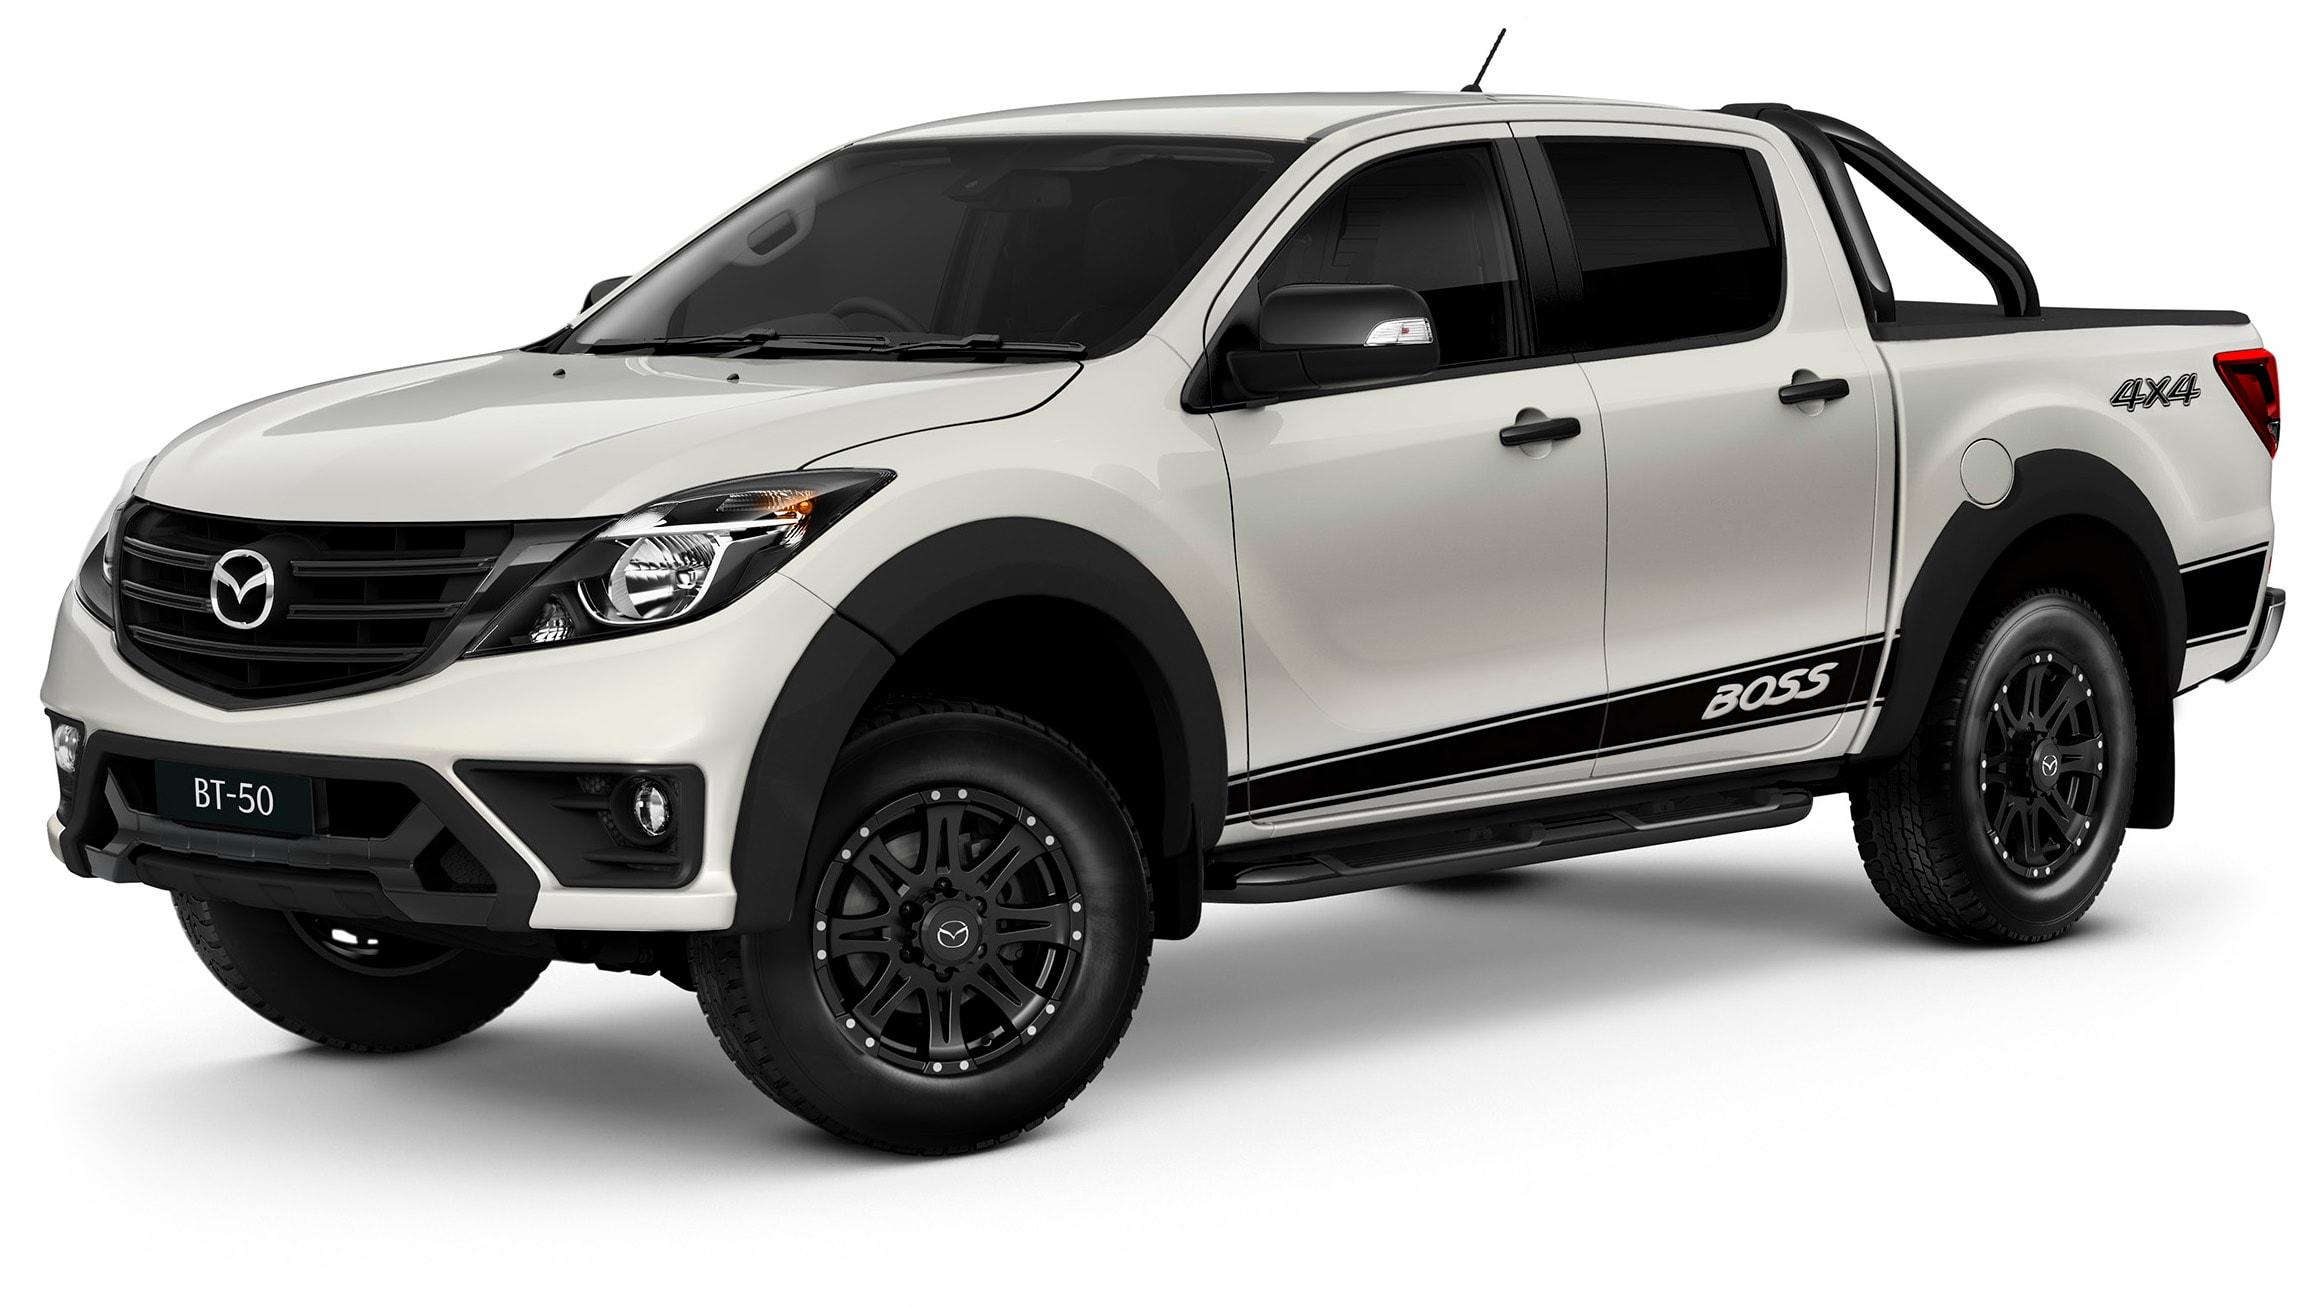 Kelebihan Kekurangan Mazda Bt Spesifikasi